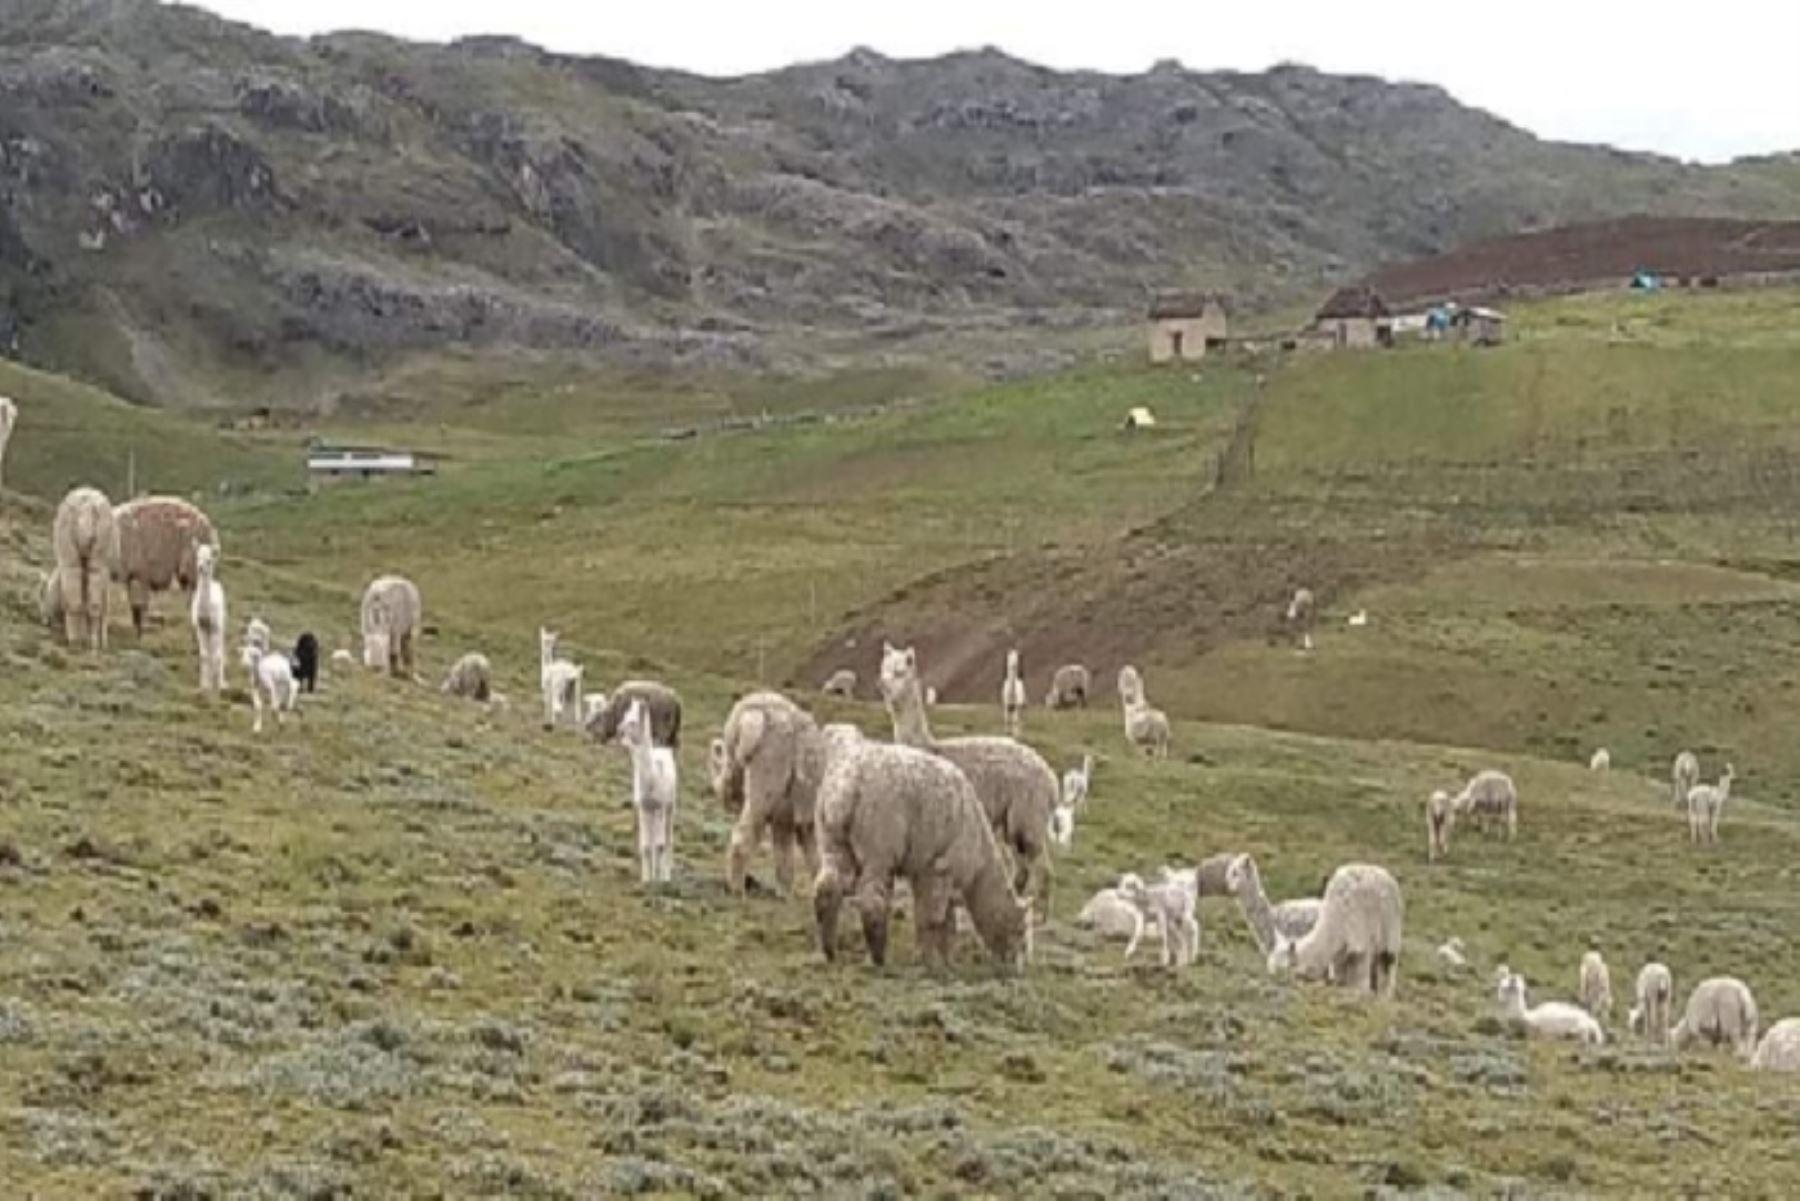 Durante los últimos días, las poblaciones de camélidos sudamericanos registraron abortos de alpacas gestantes y muertes de crías por hipotermia, específicamente en la localidad de la sierra sur de Pisacoma (Puno),